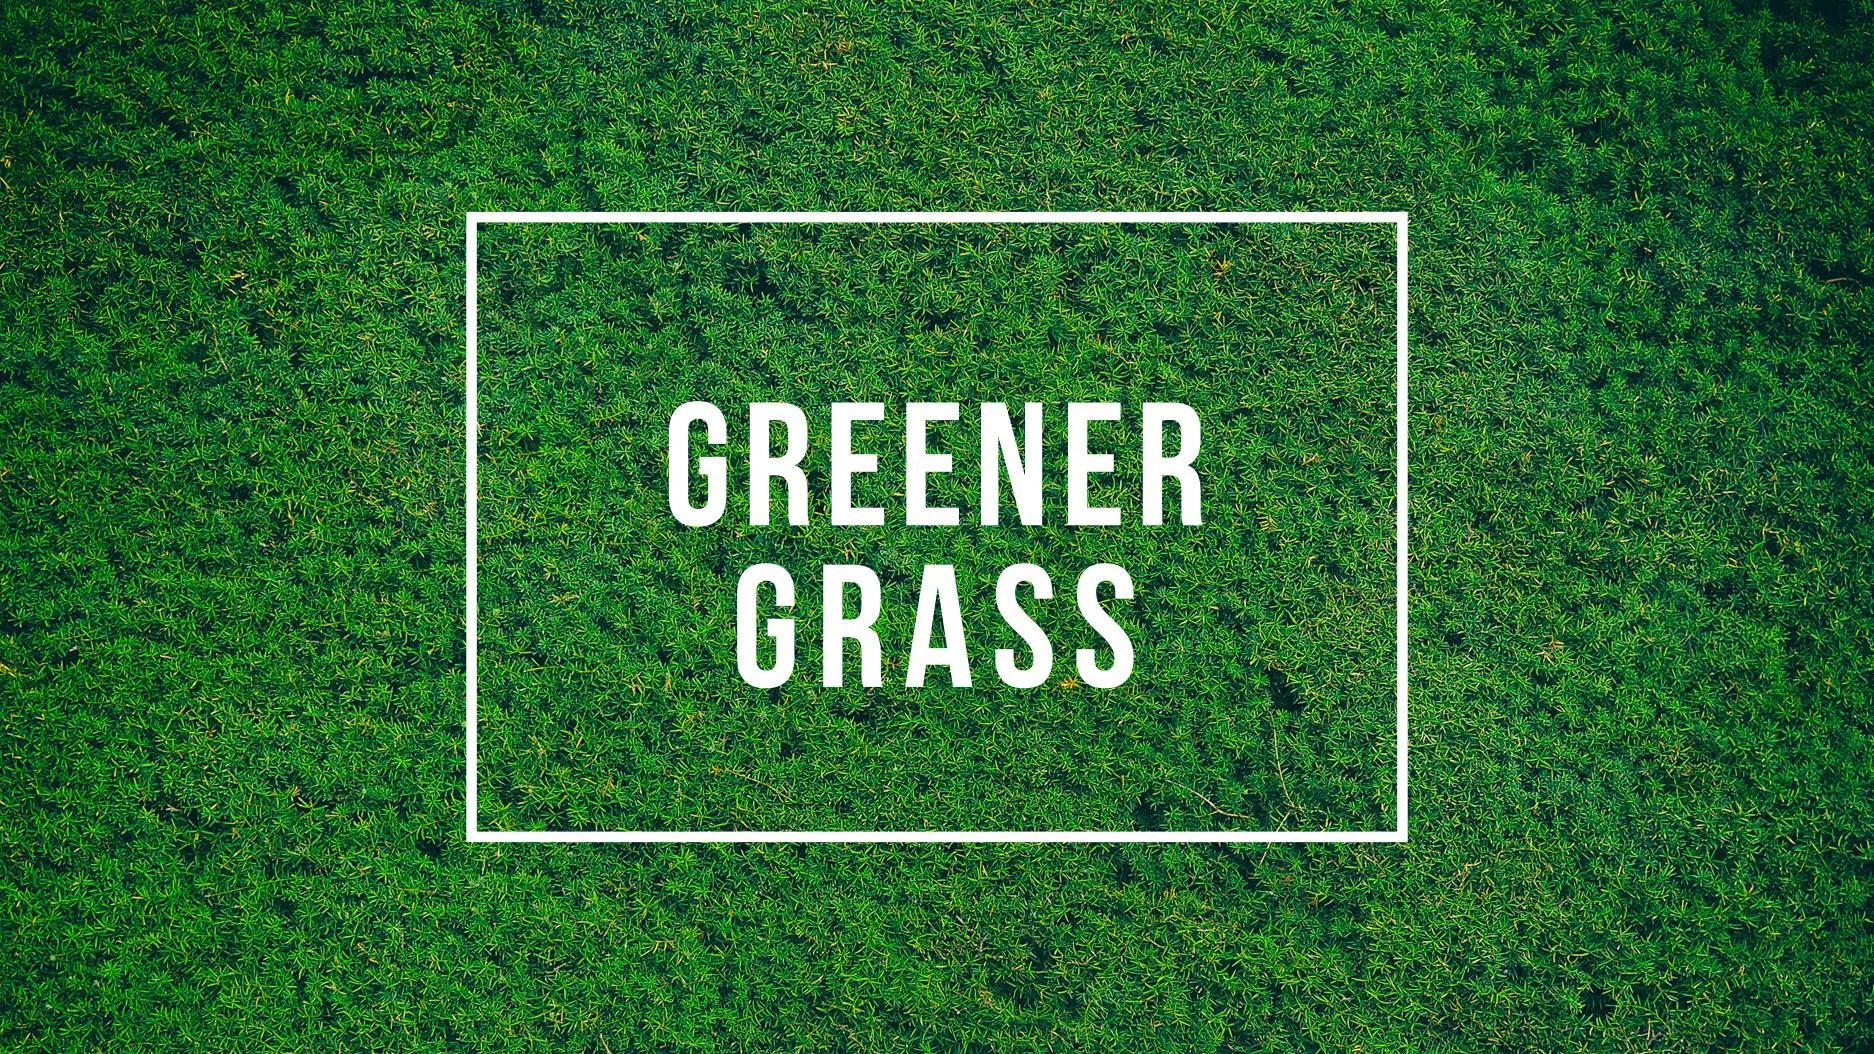 greenergrassstill.jpg